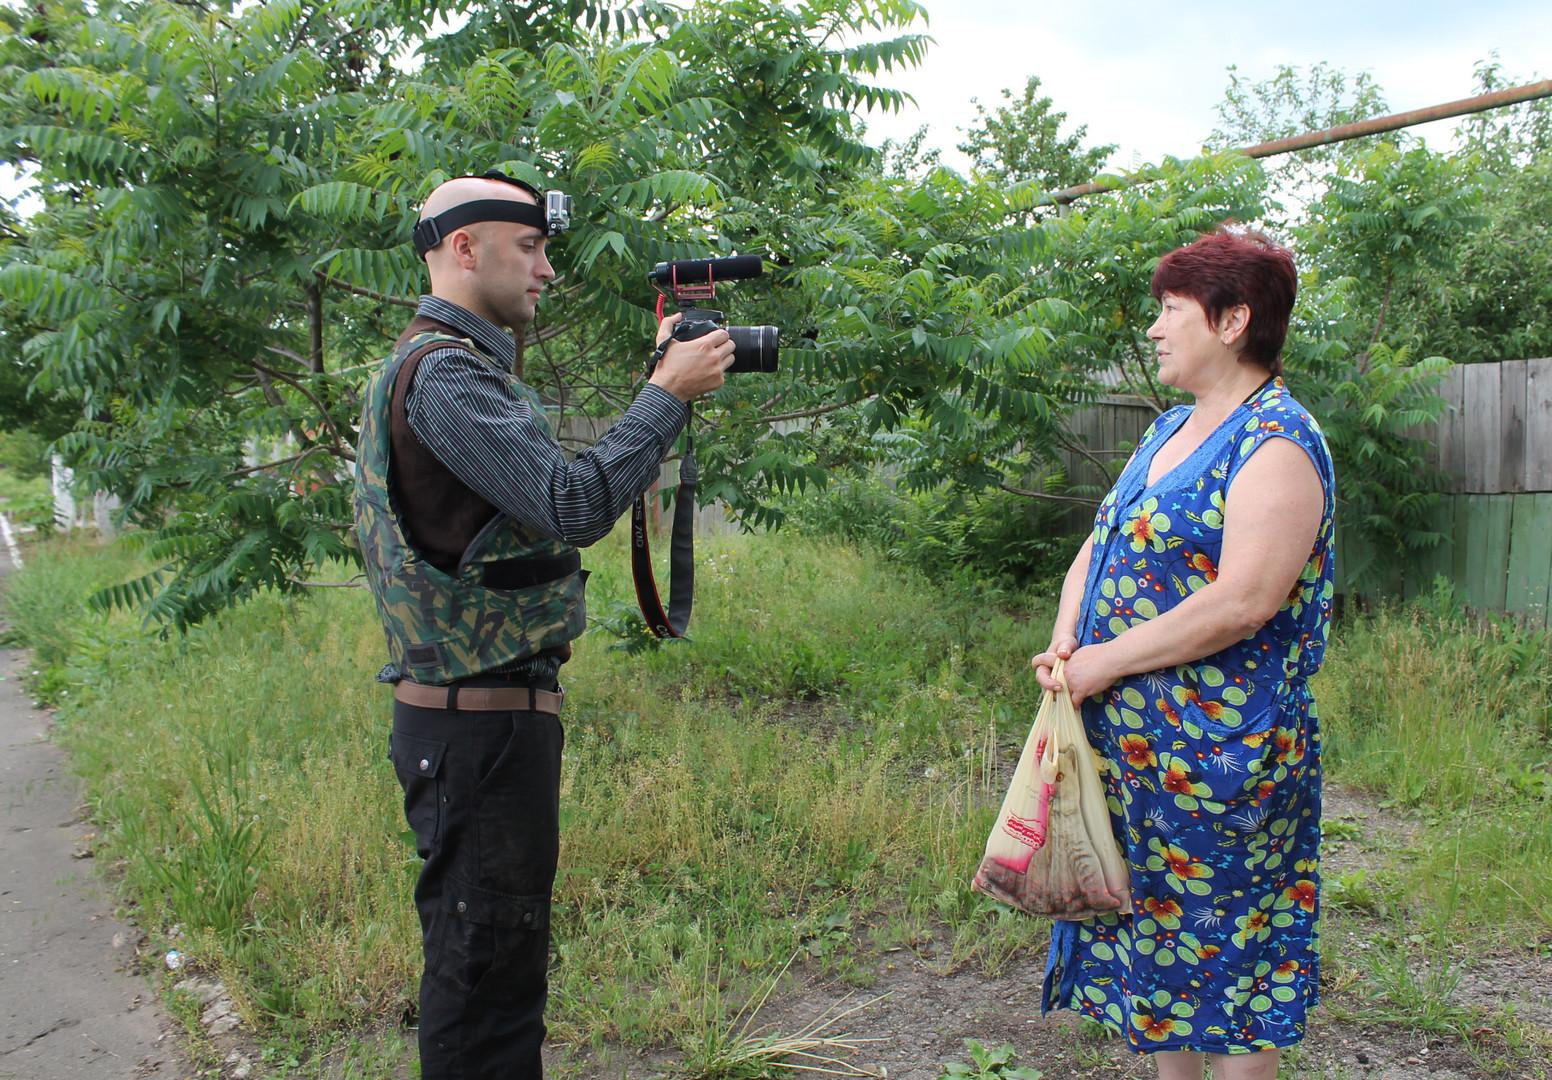 Британский журналист Грэм Филипс берет интервью у жительницы города Горловки Донецкой области.